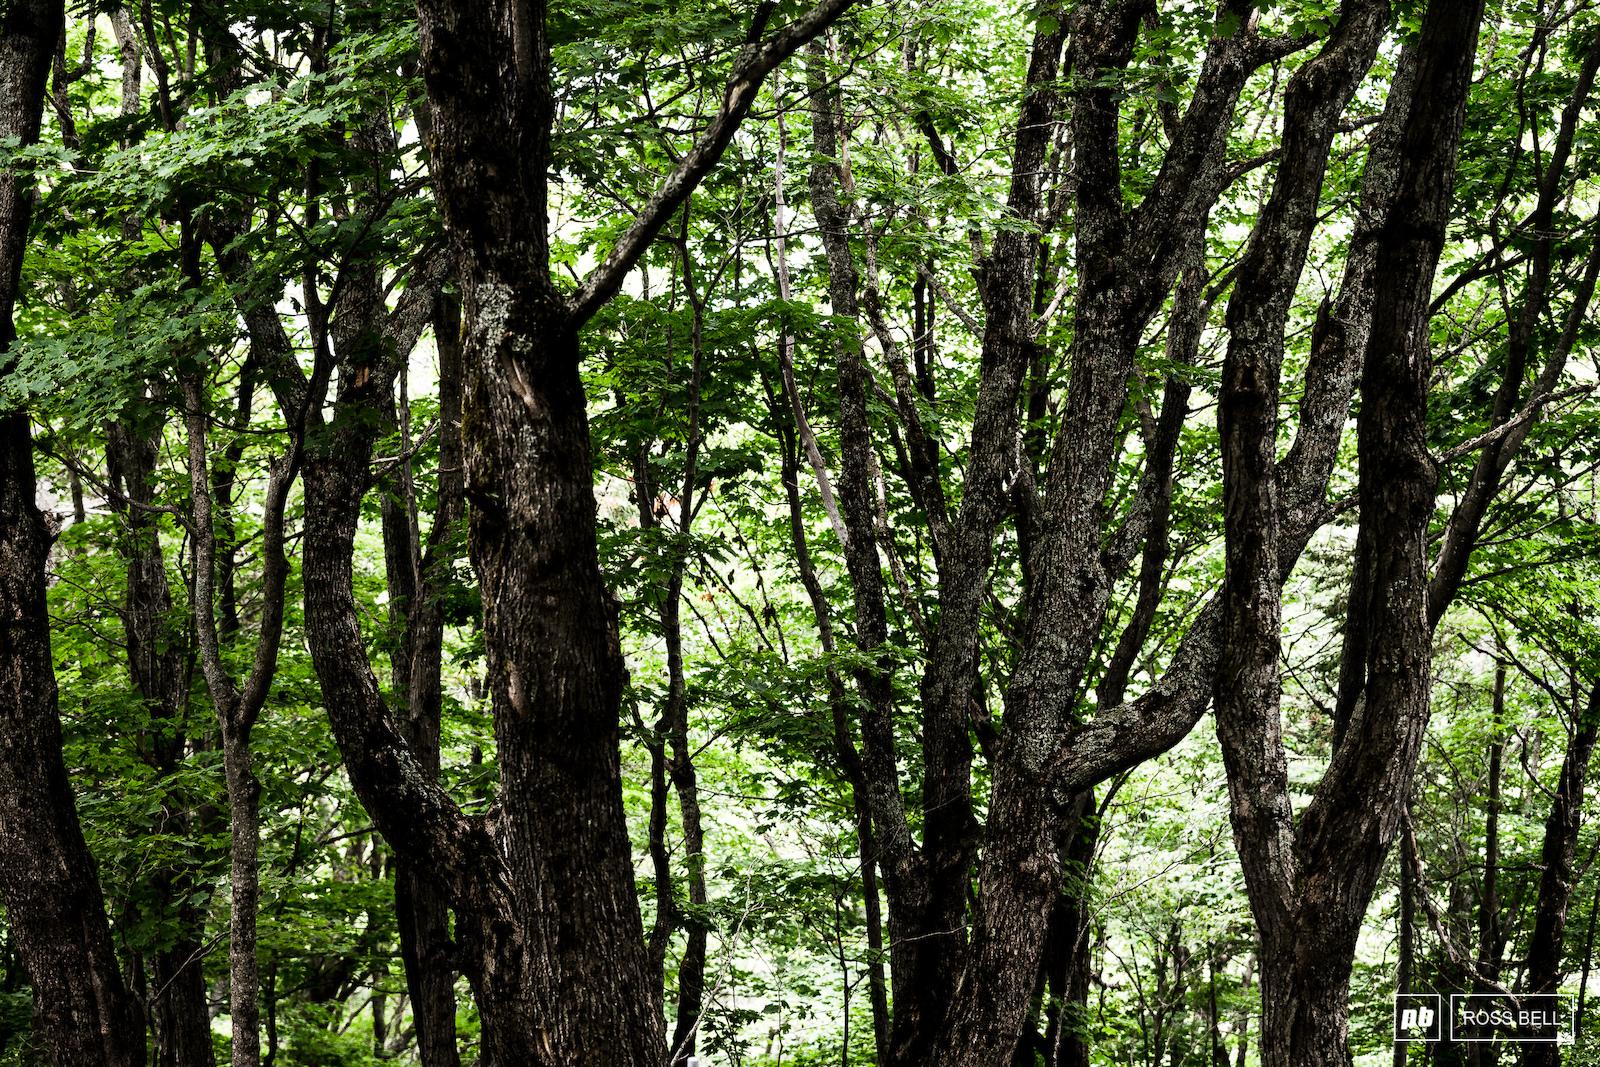 The quaint woods of Quebec.